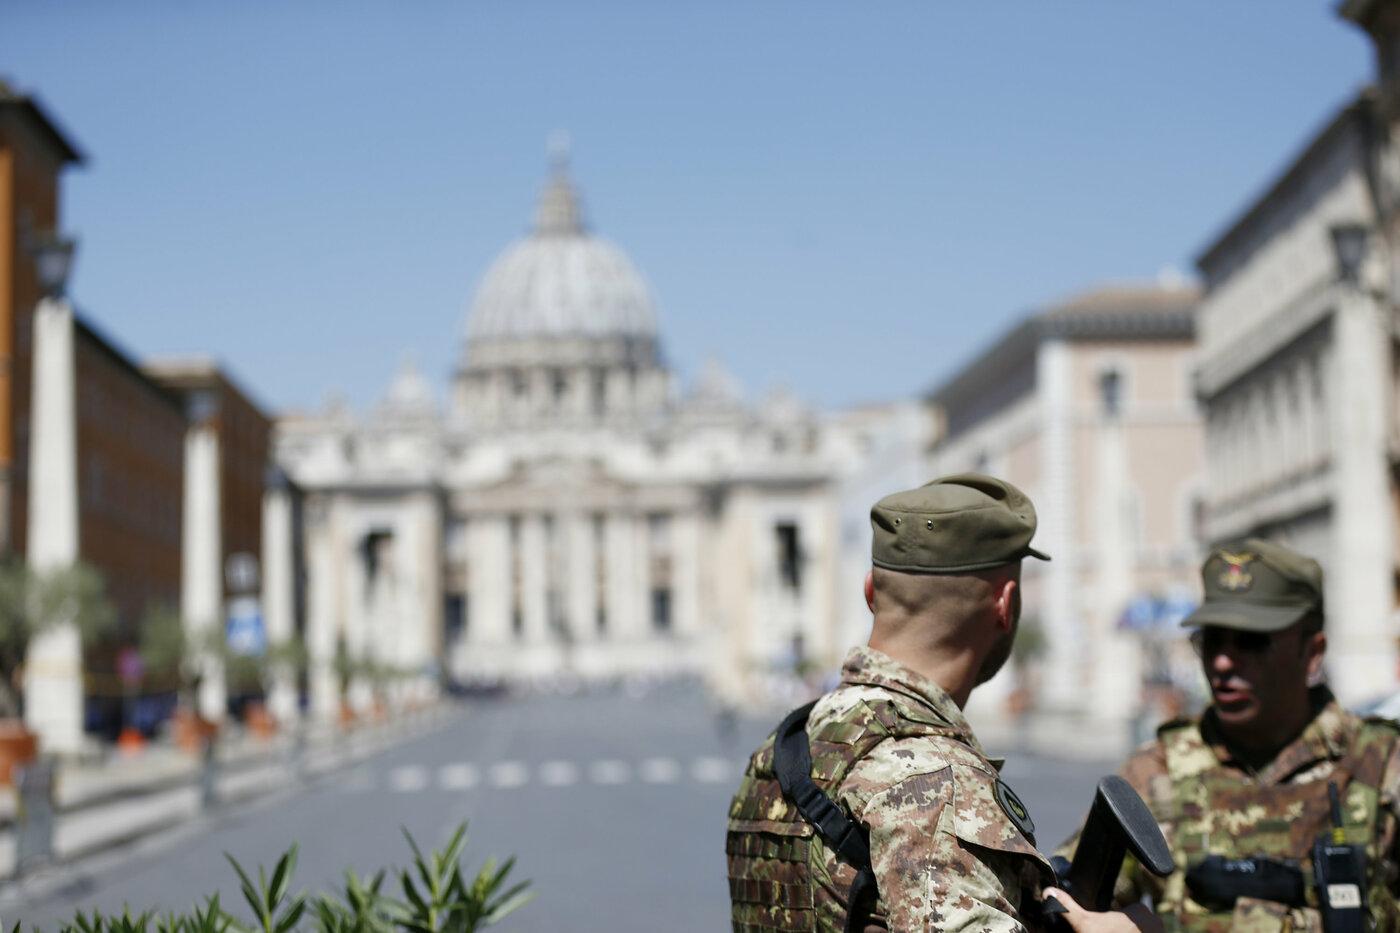 """Il Cts toglie ogni dubbio: """"Se la situazione non migliorerà, lockdown in Italia tra 15 giorni"""". E' partito il conto alla rovescia anche nel nostro paese"""